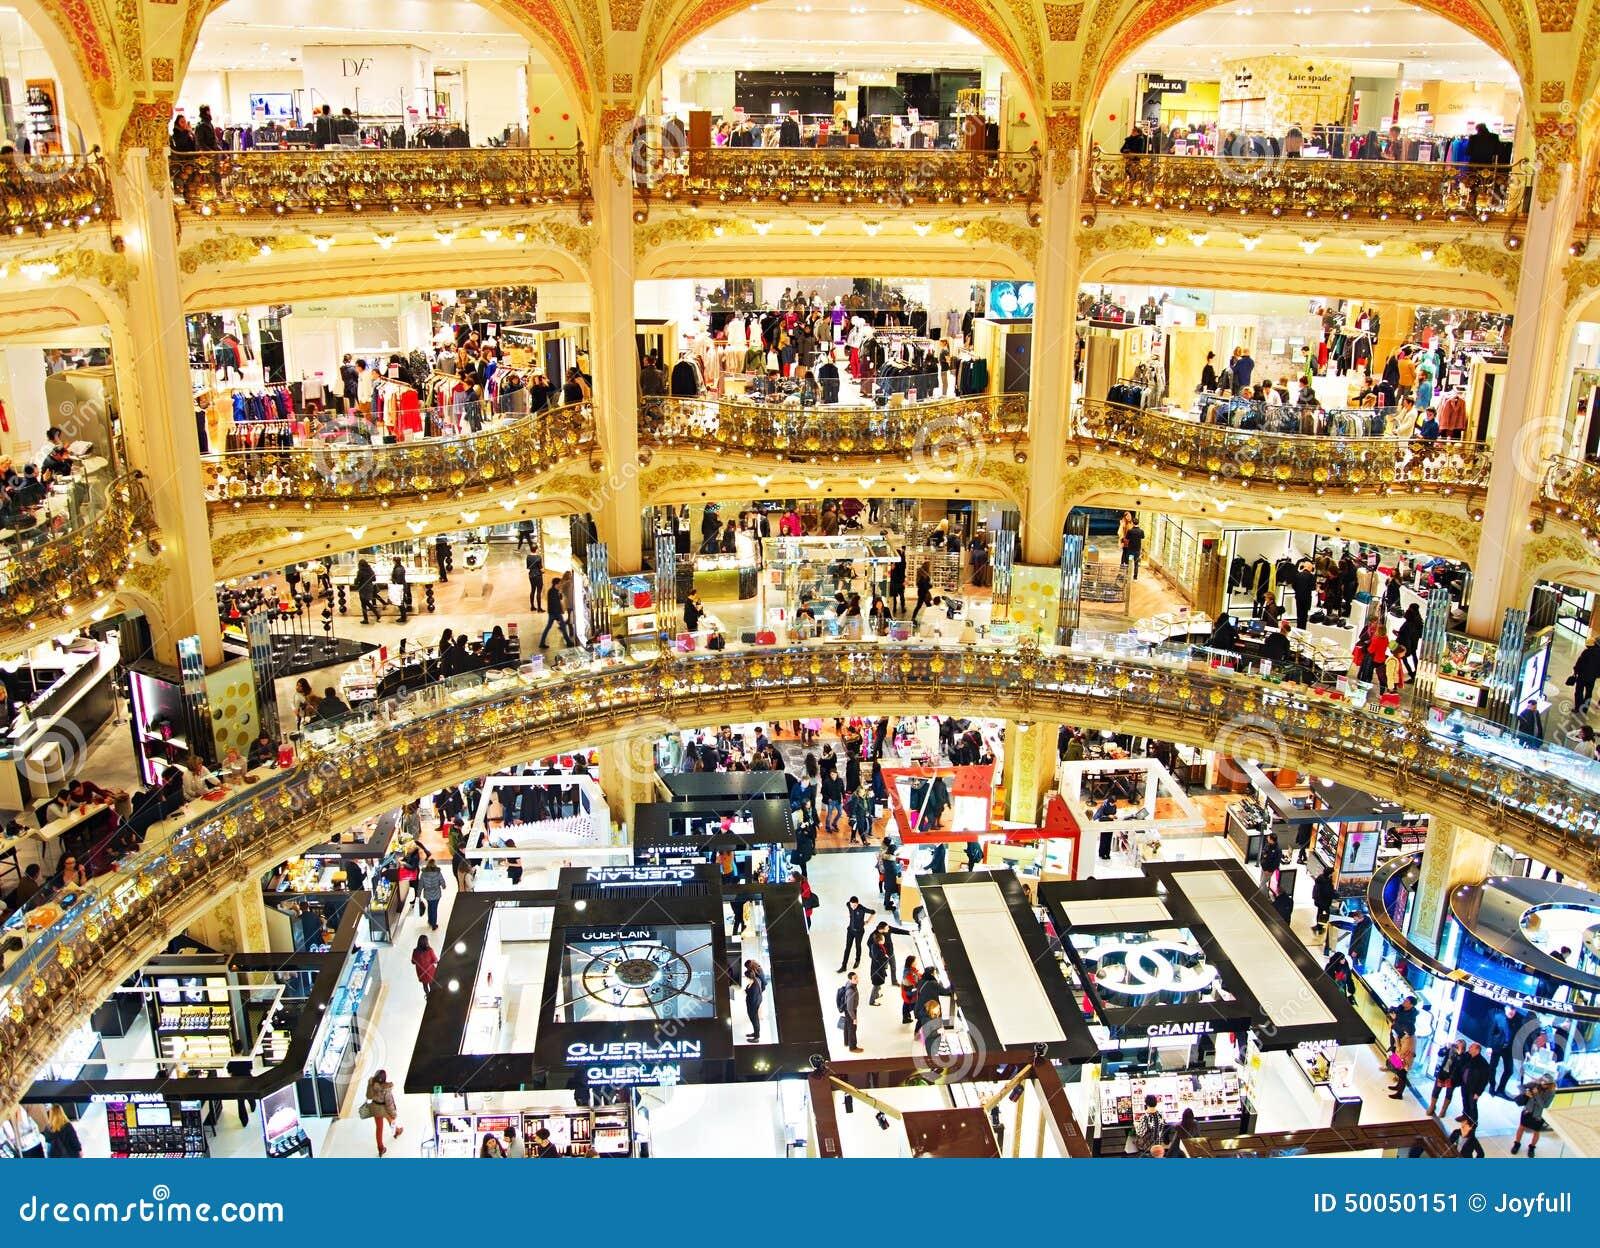 centre commercial de luxe paris photo ditorial image. Black Bedroom Furniture Sets. Home Design Ideas